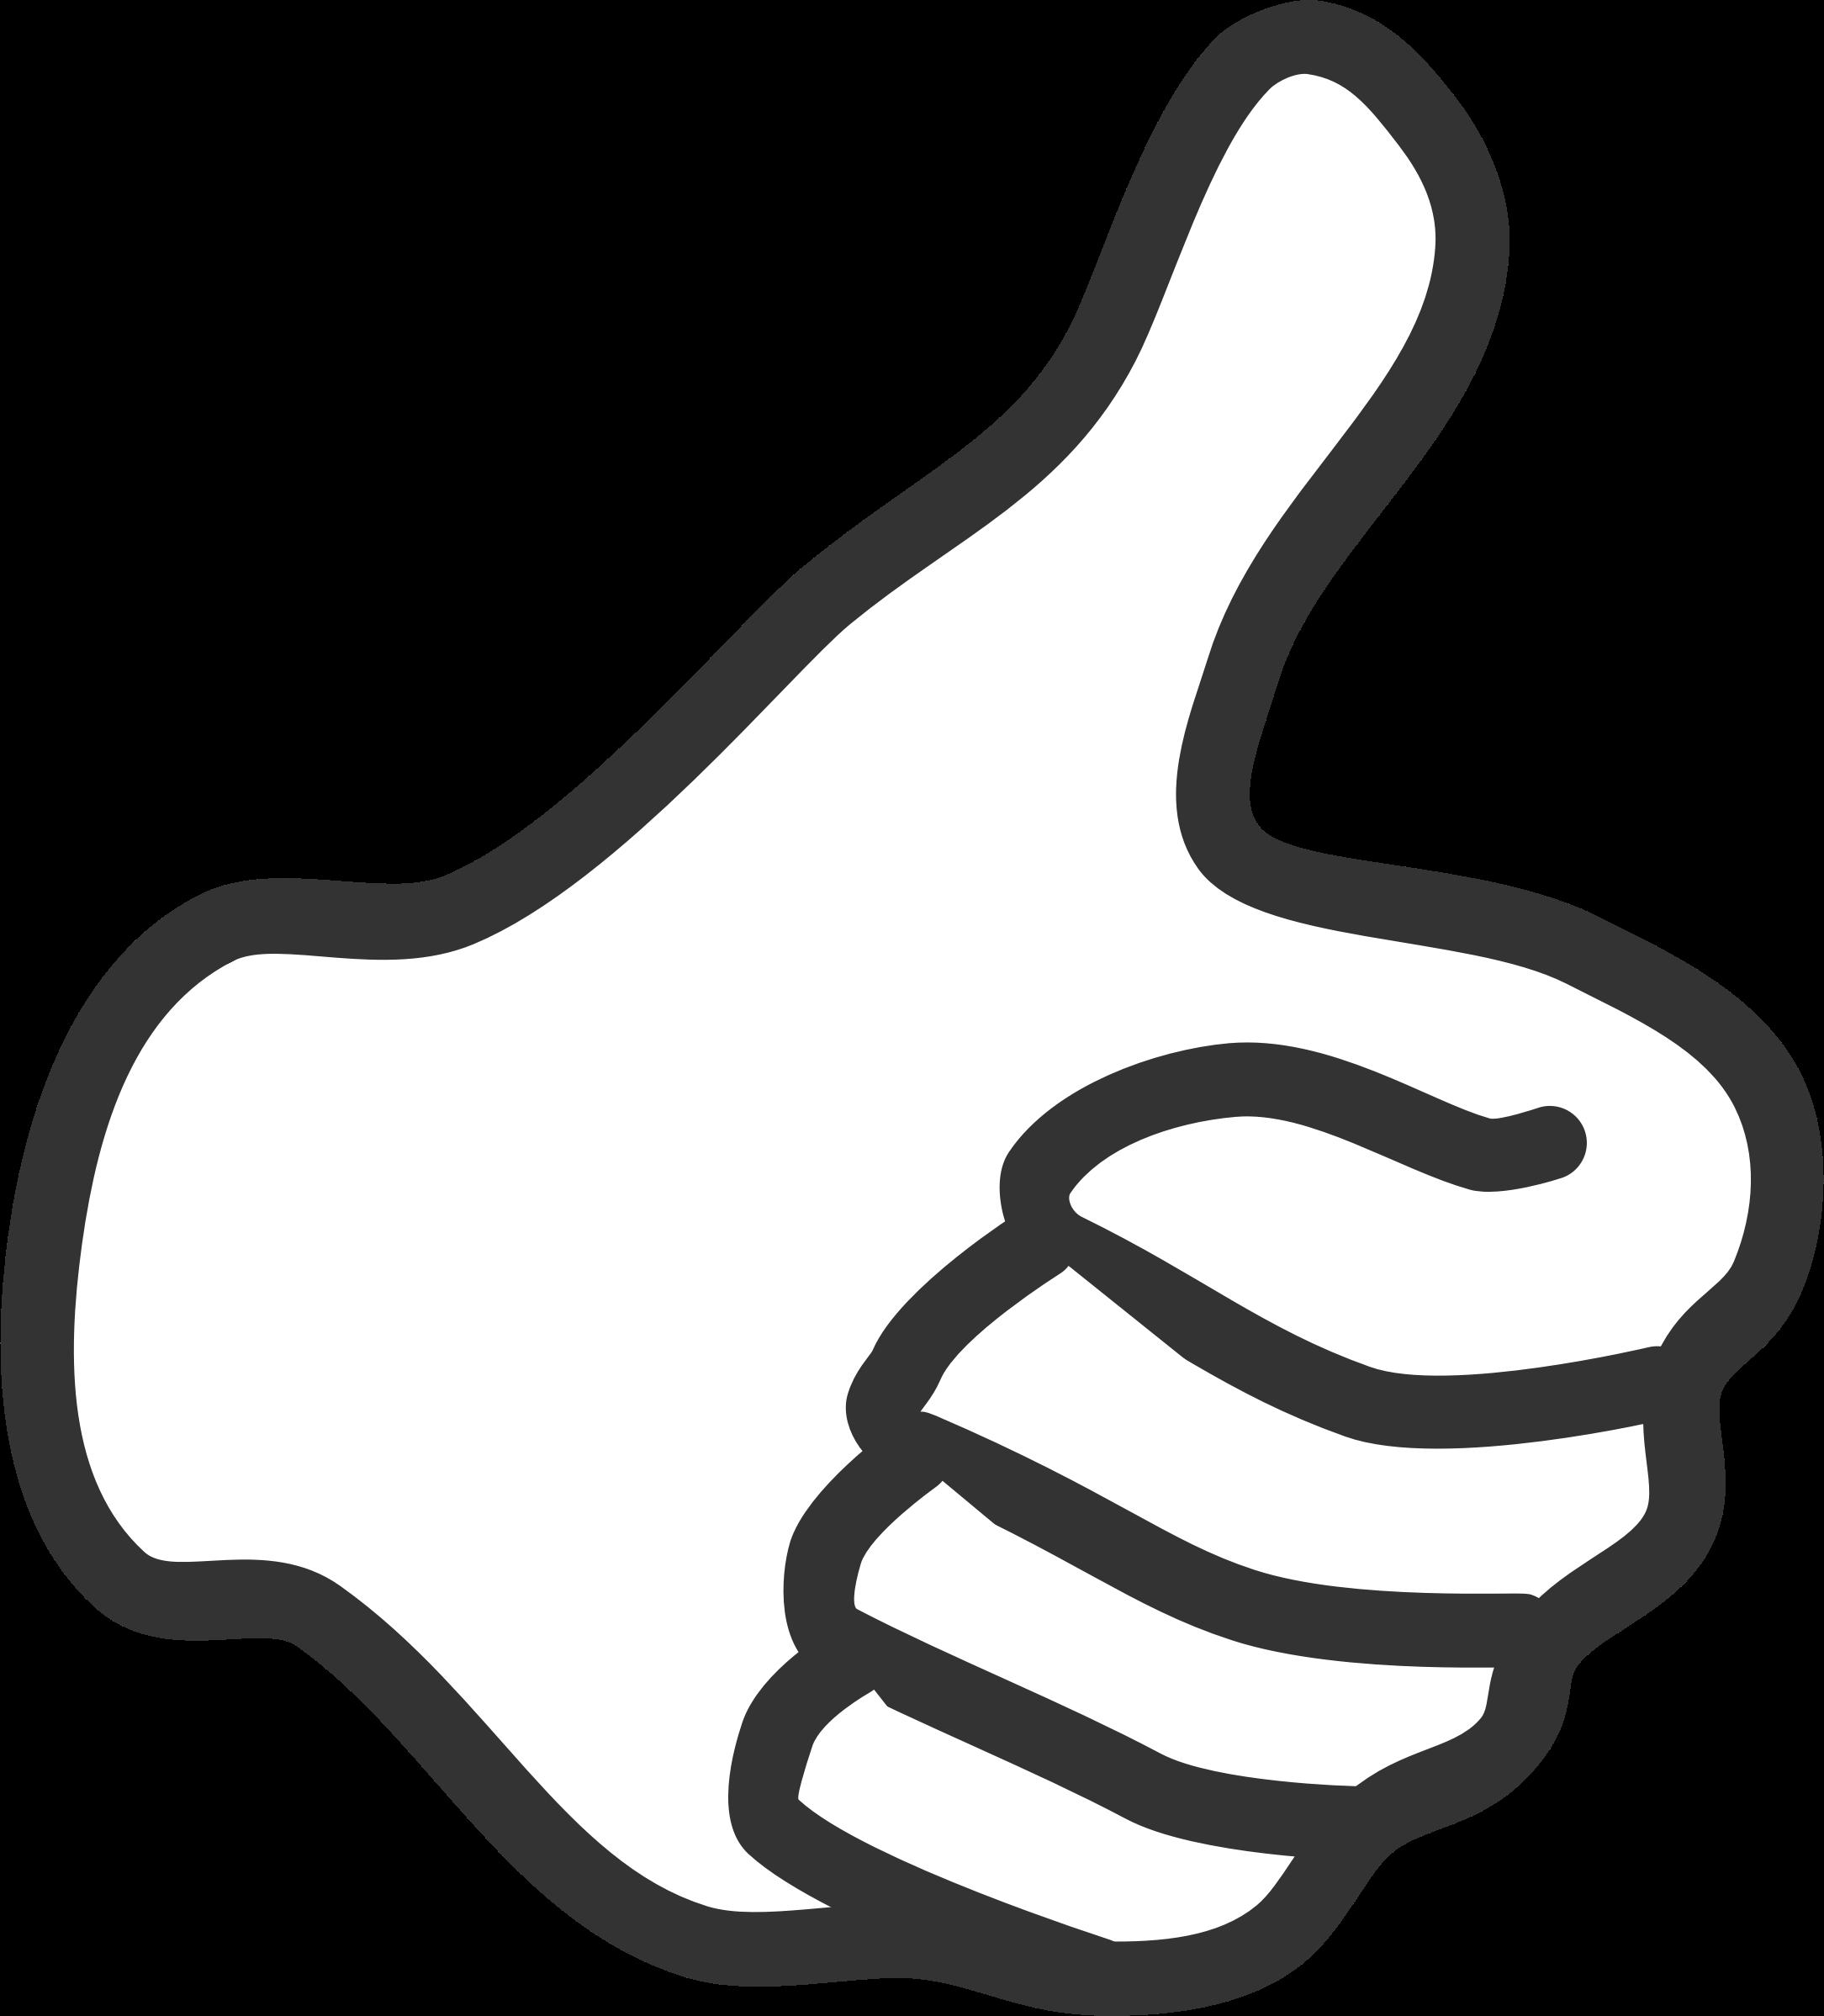 2169x2397 Thumb Clip Art